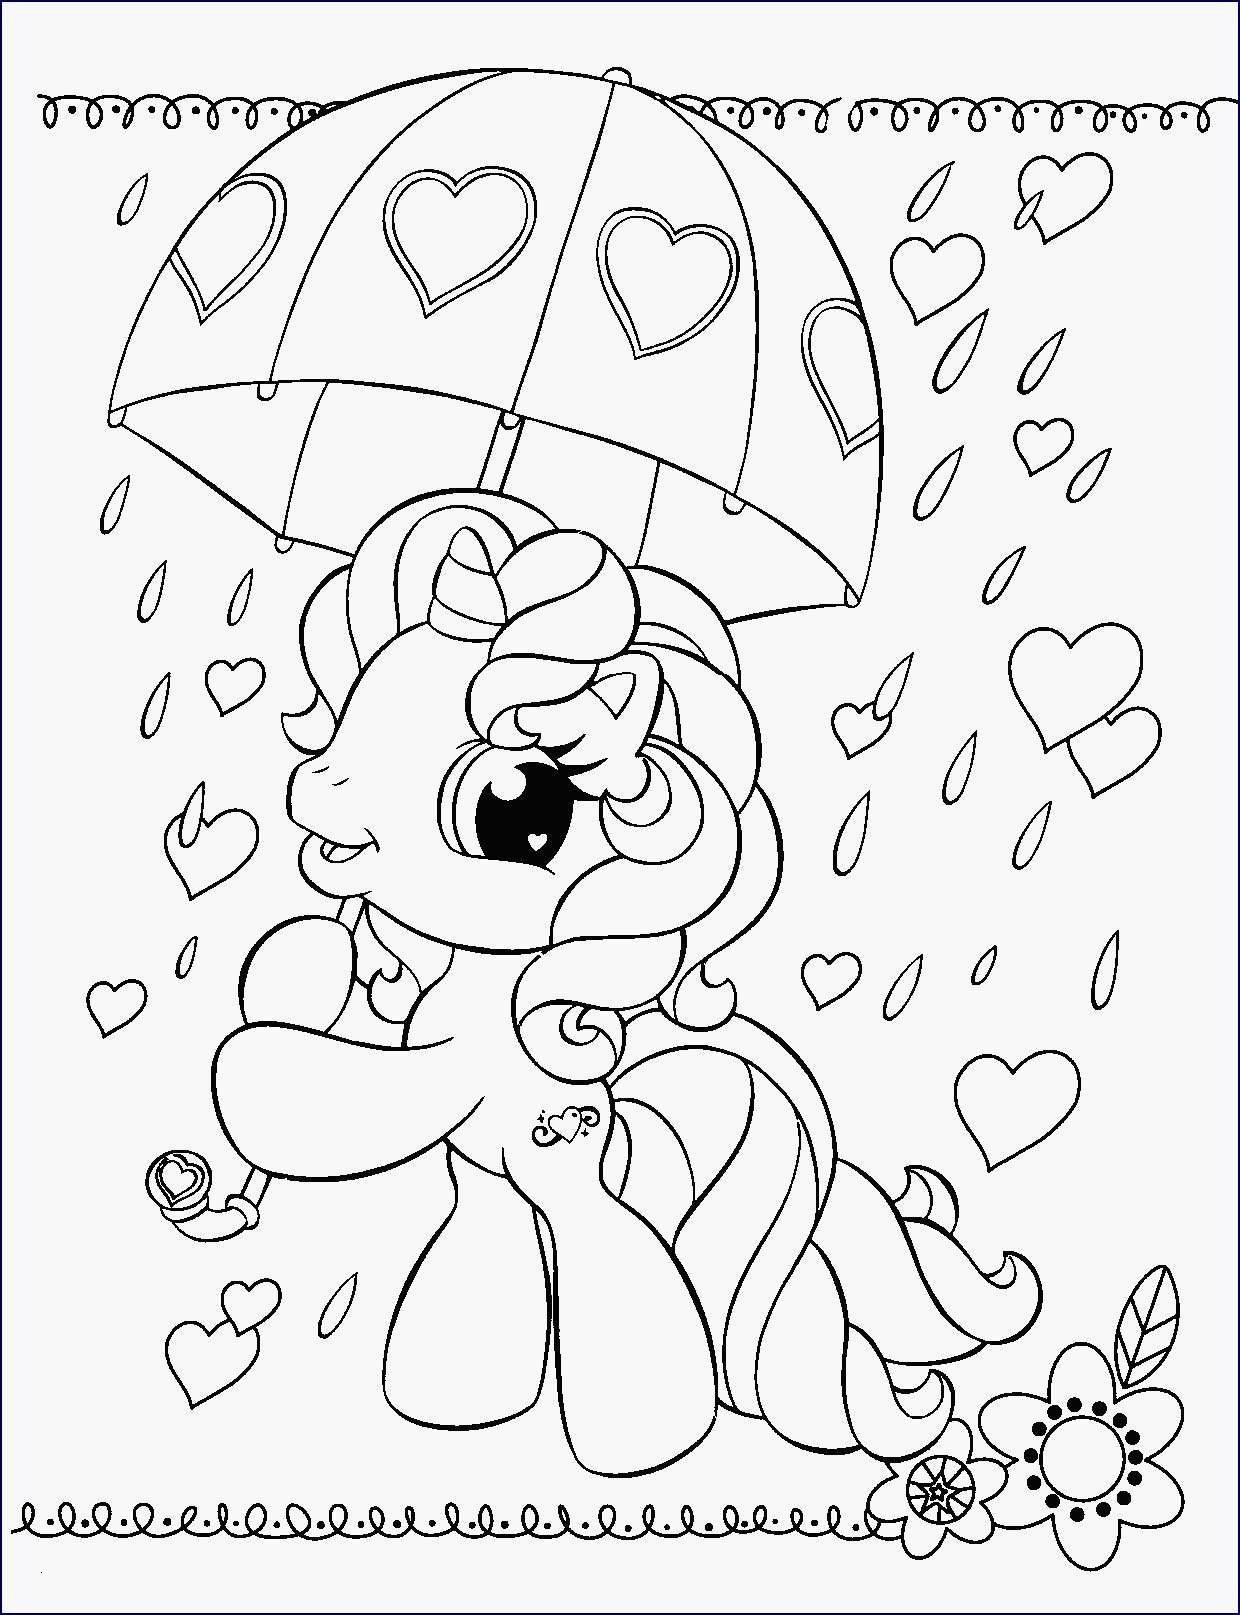 My Little Pony Ausmalbilder Kostenlos Frisch 40 Ausmalbilder Equestria Girls Scoredatscore Elegant My Little Pony Sammlung